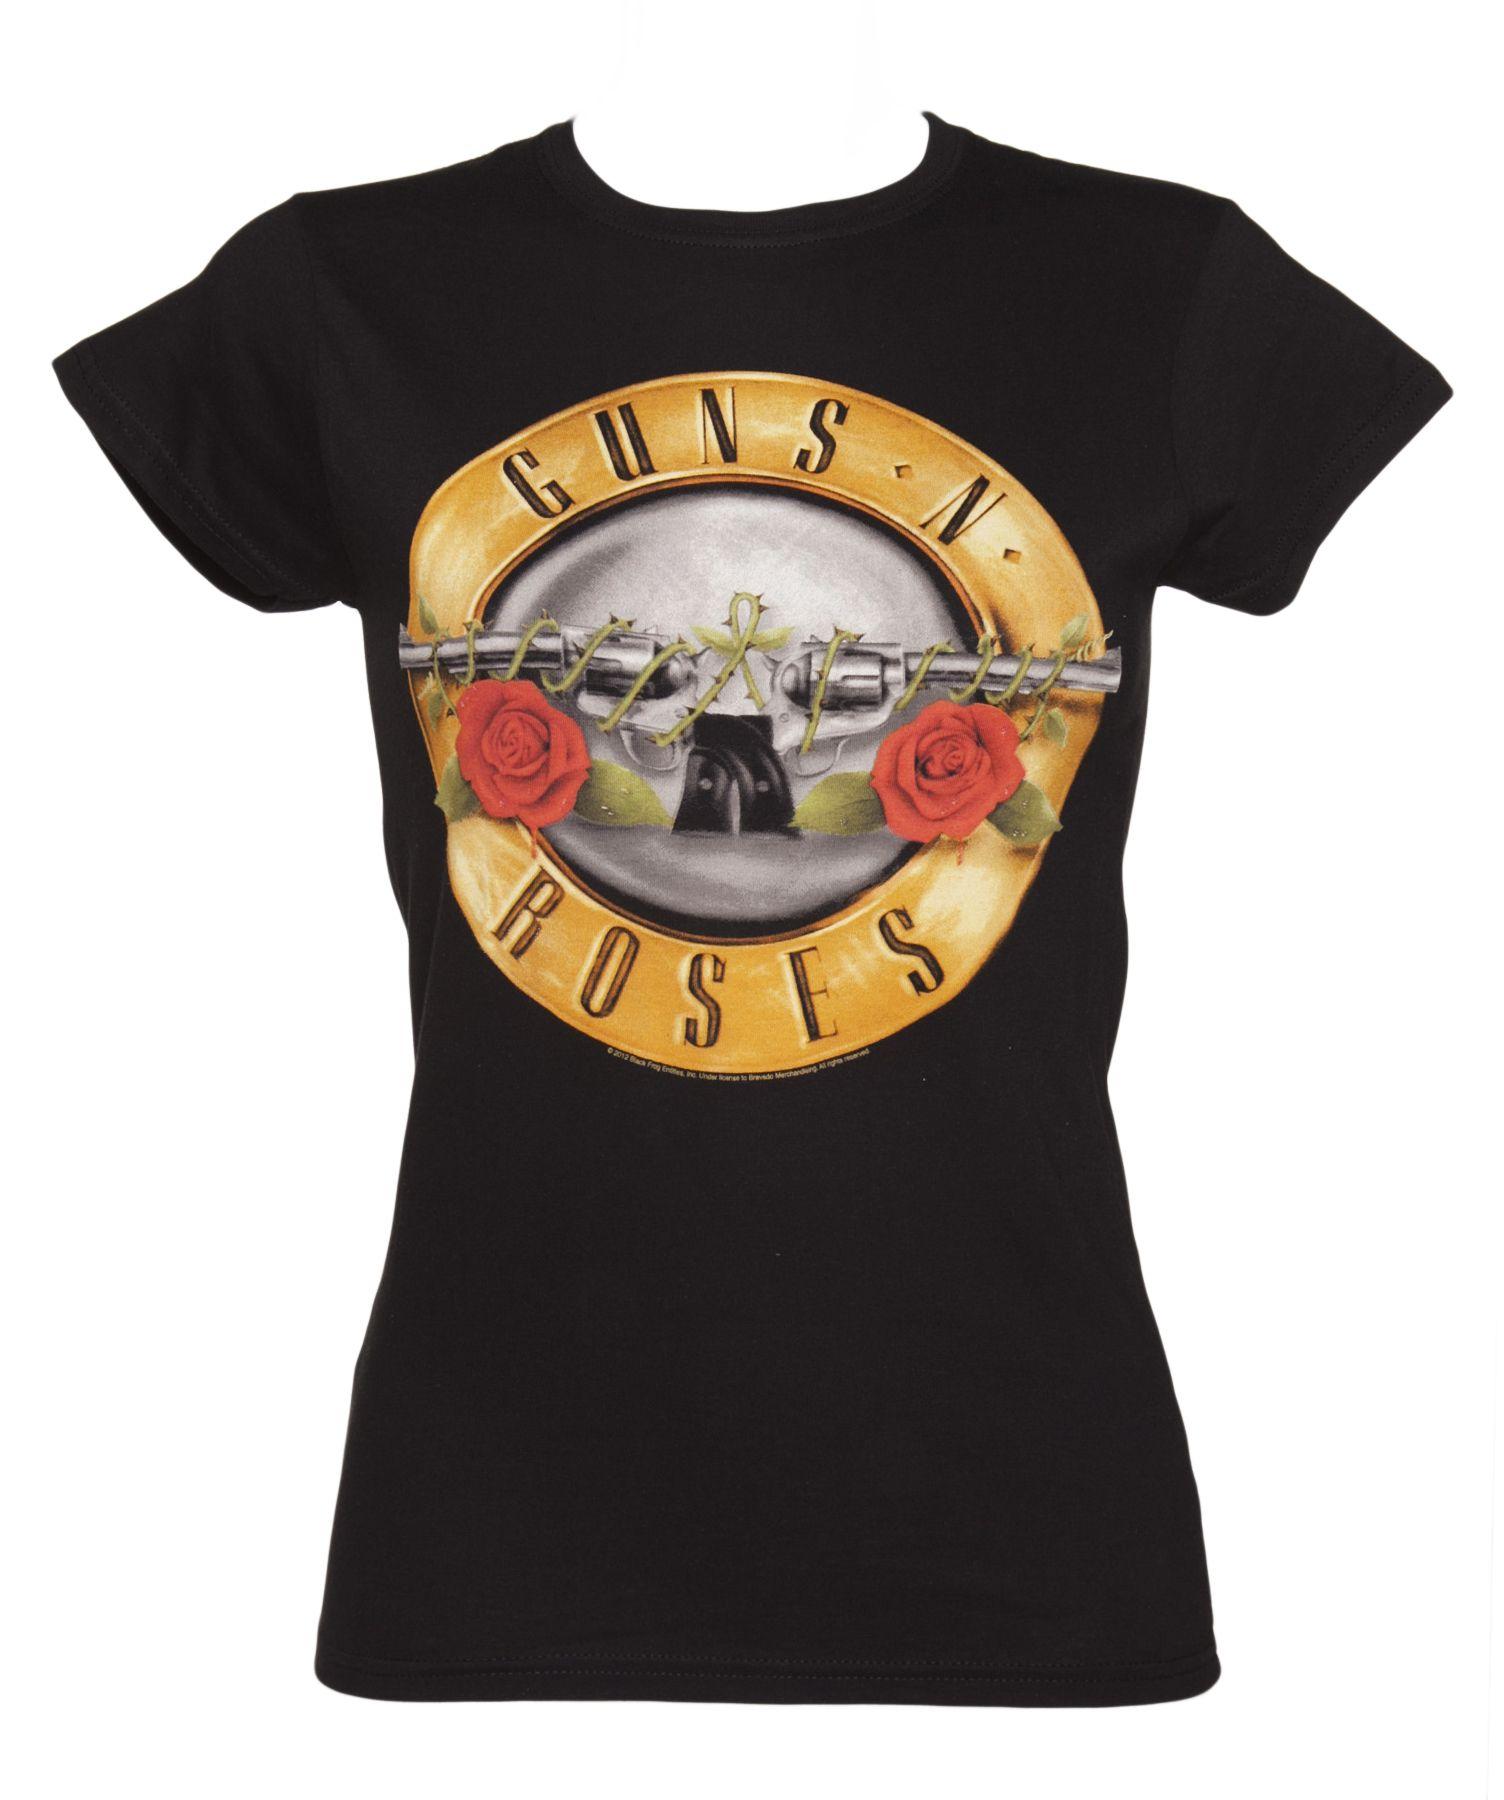 Musik Guns N´roses Herrenmode Classic Bullet Logo T-shirt